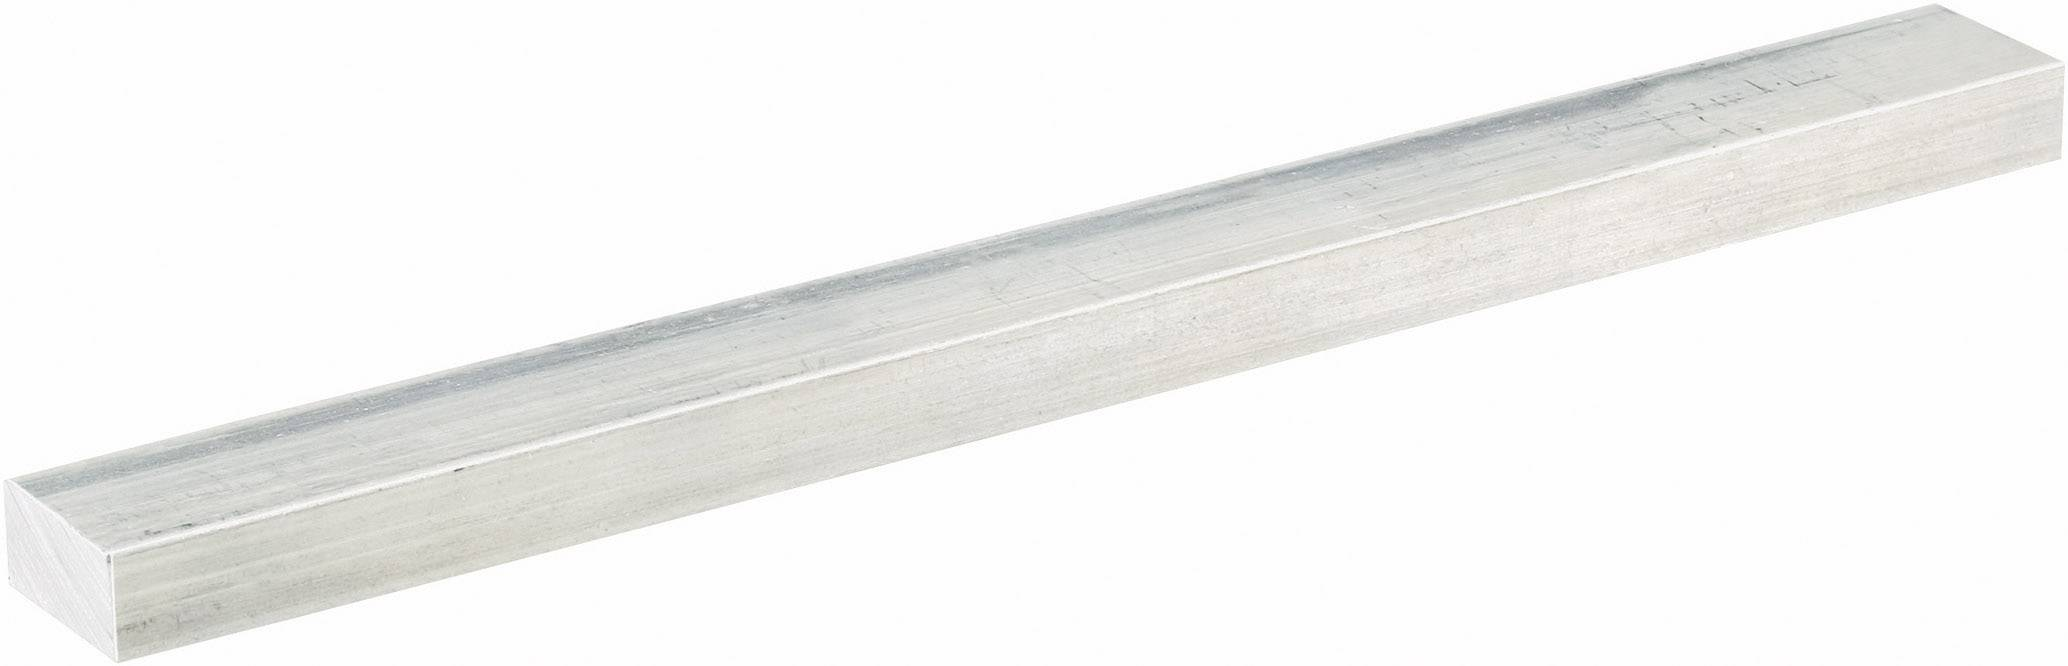 Profil Reely 229811, (d x š x v) 200 x 20 x 5 mm, hliník